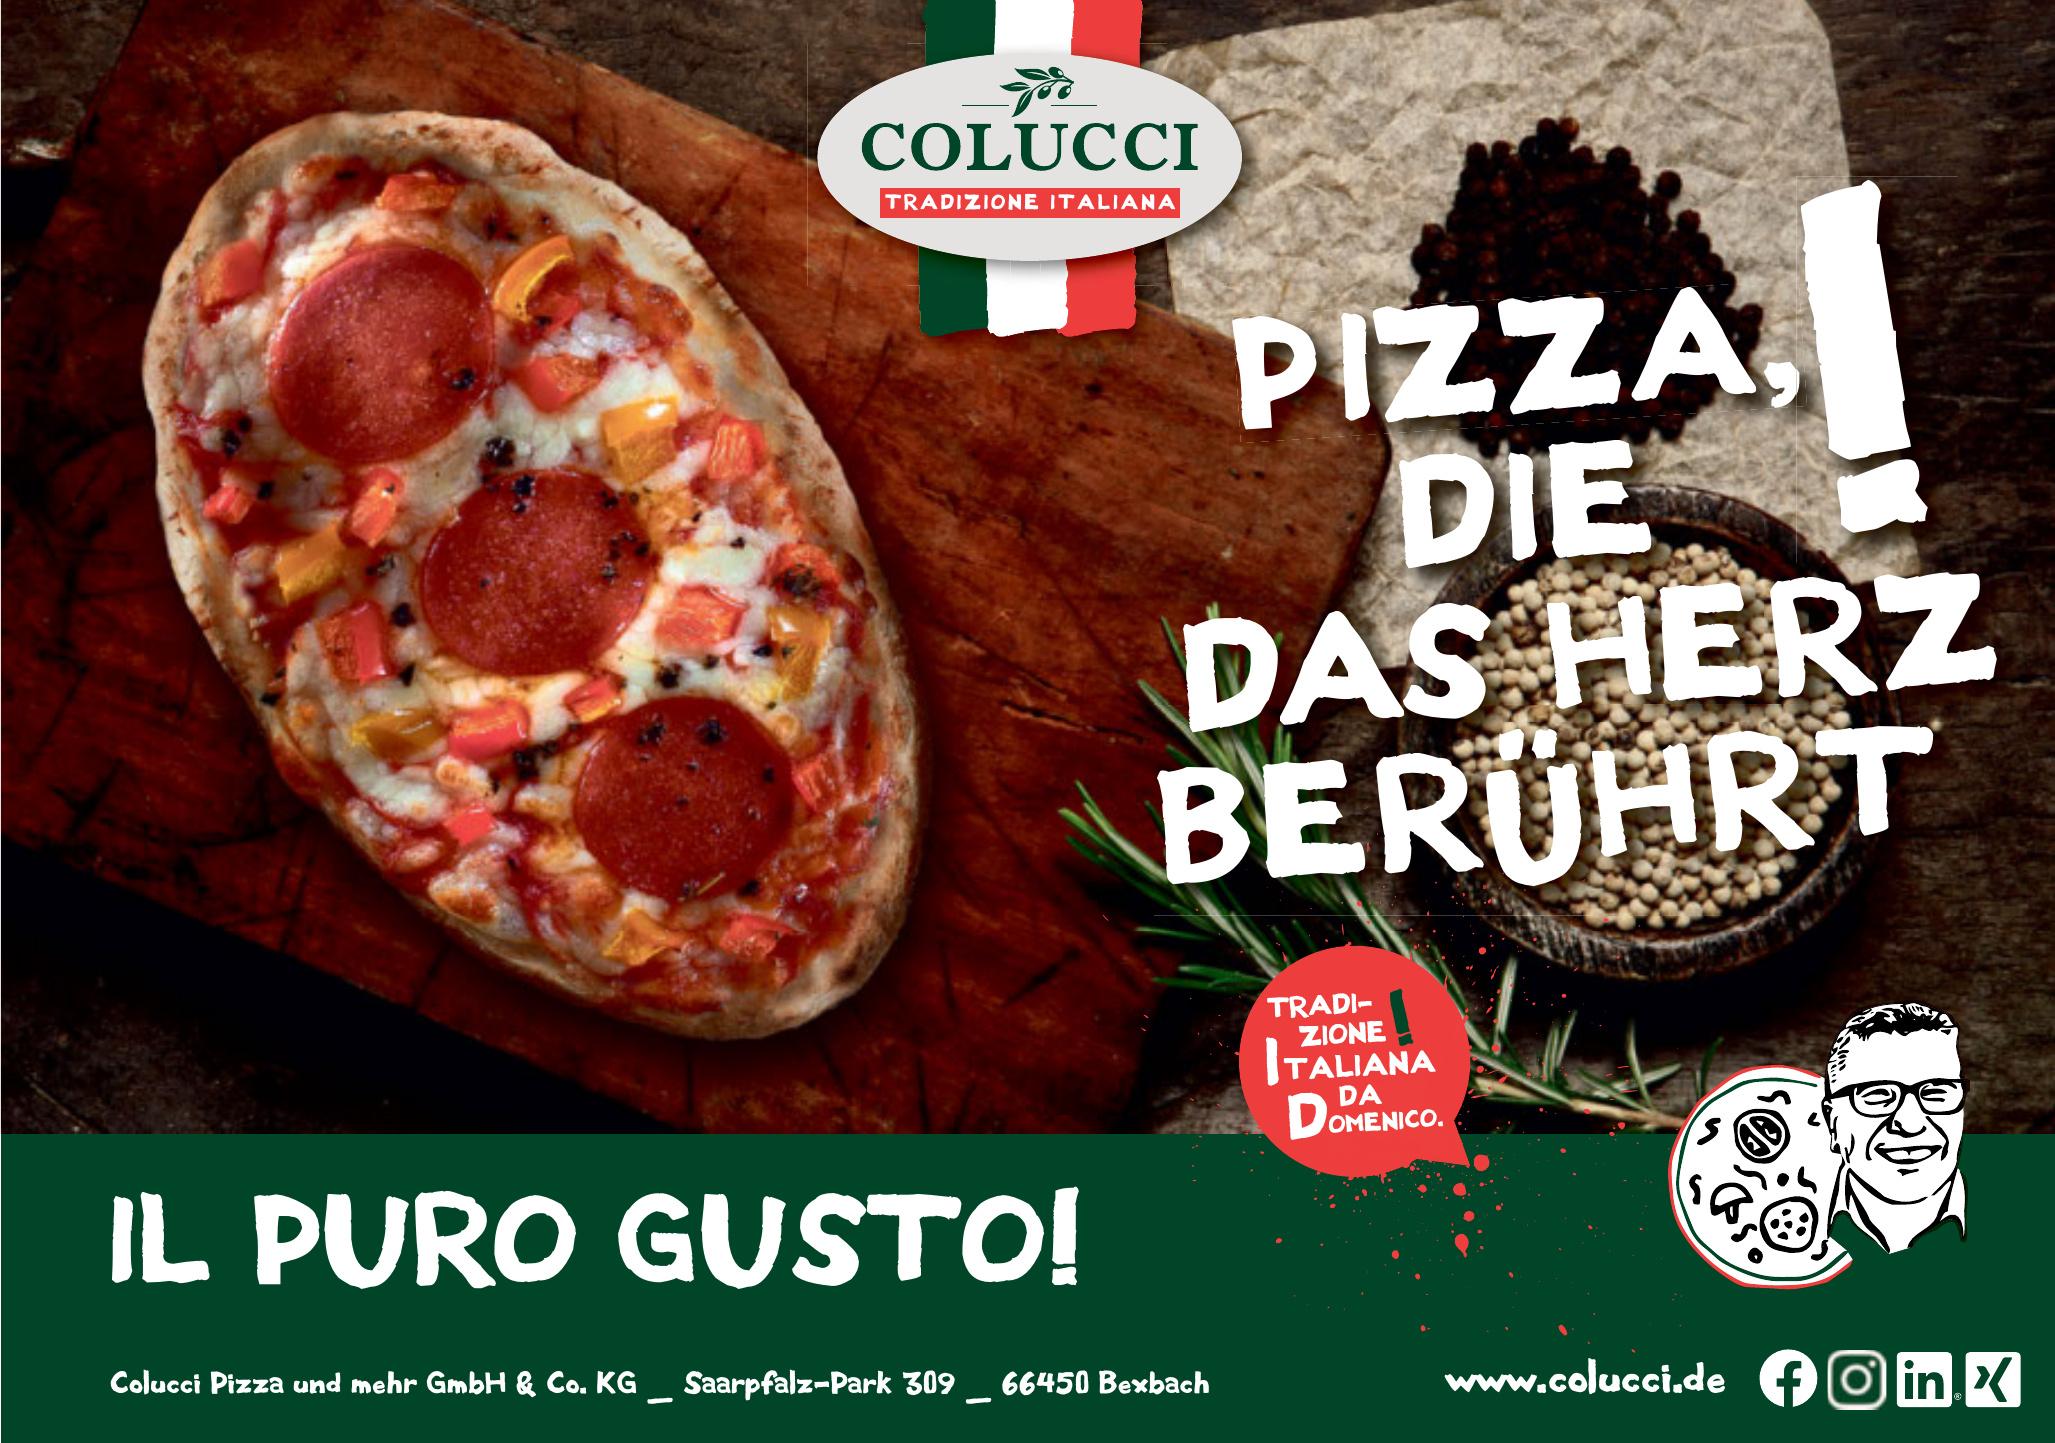 Colucci Pizza und mehr GmbH & Co. KG